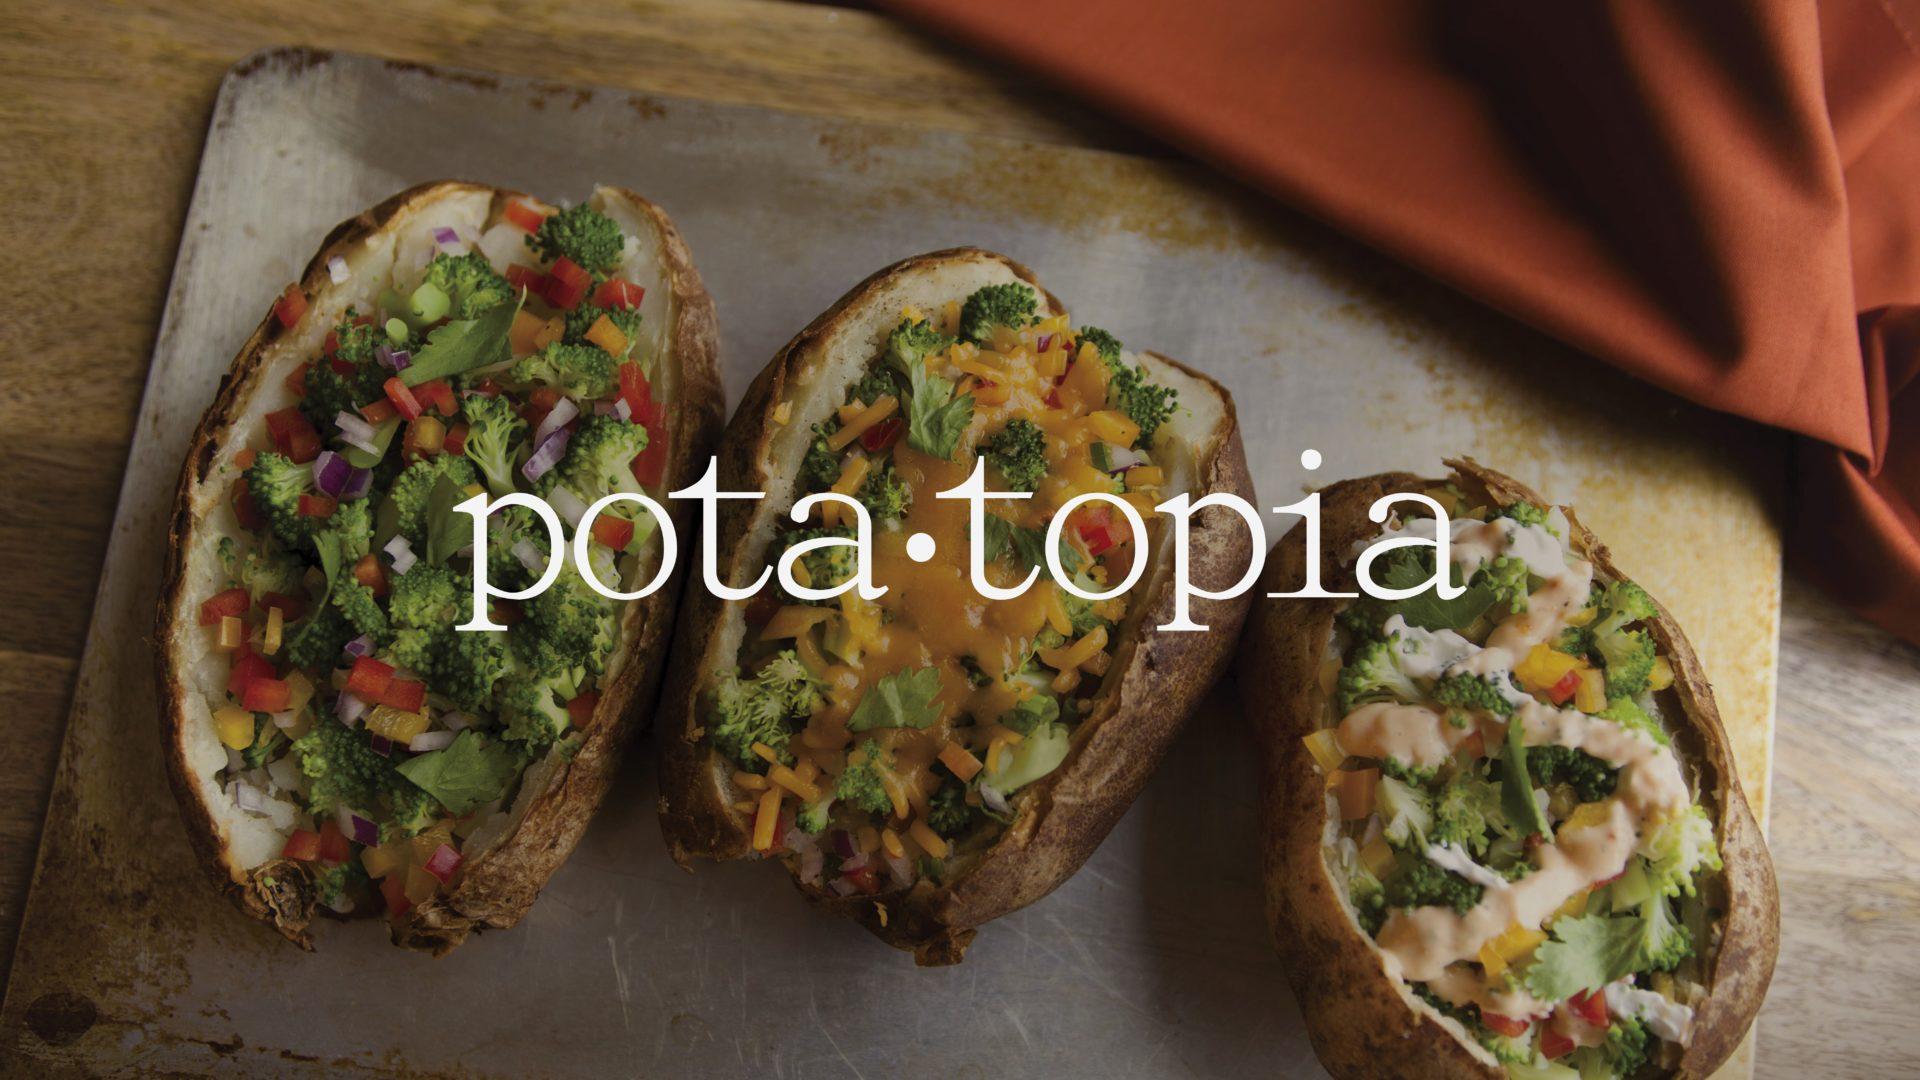 Potatopia